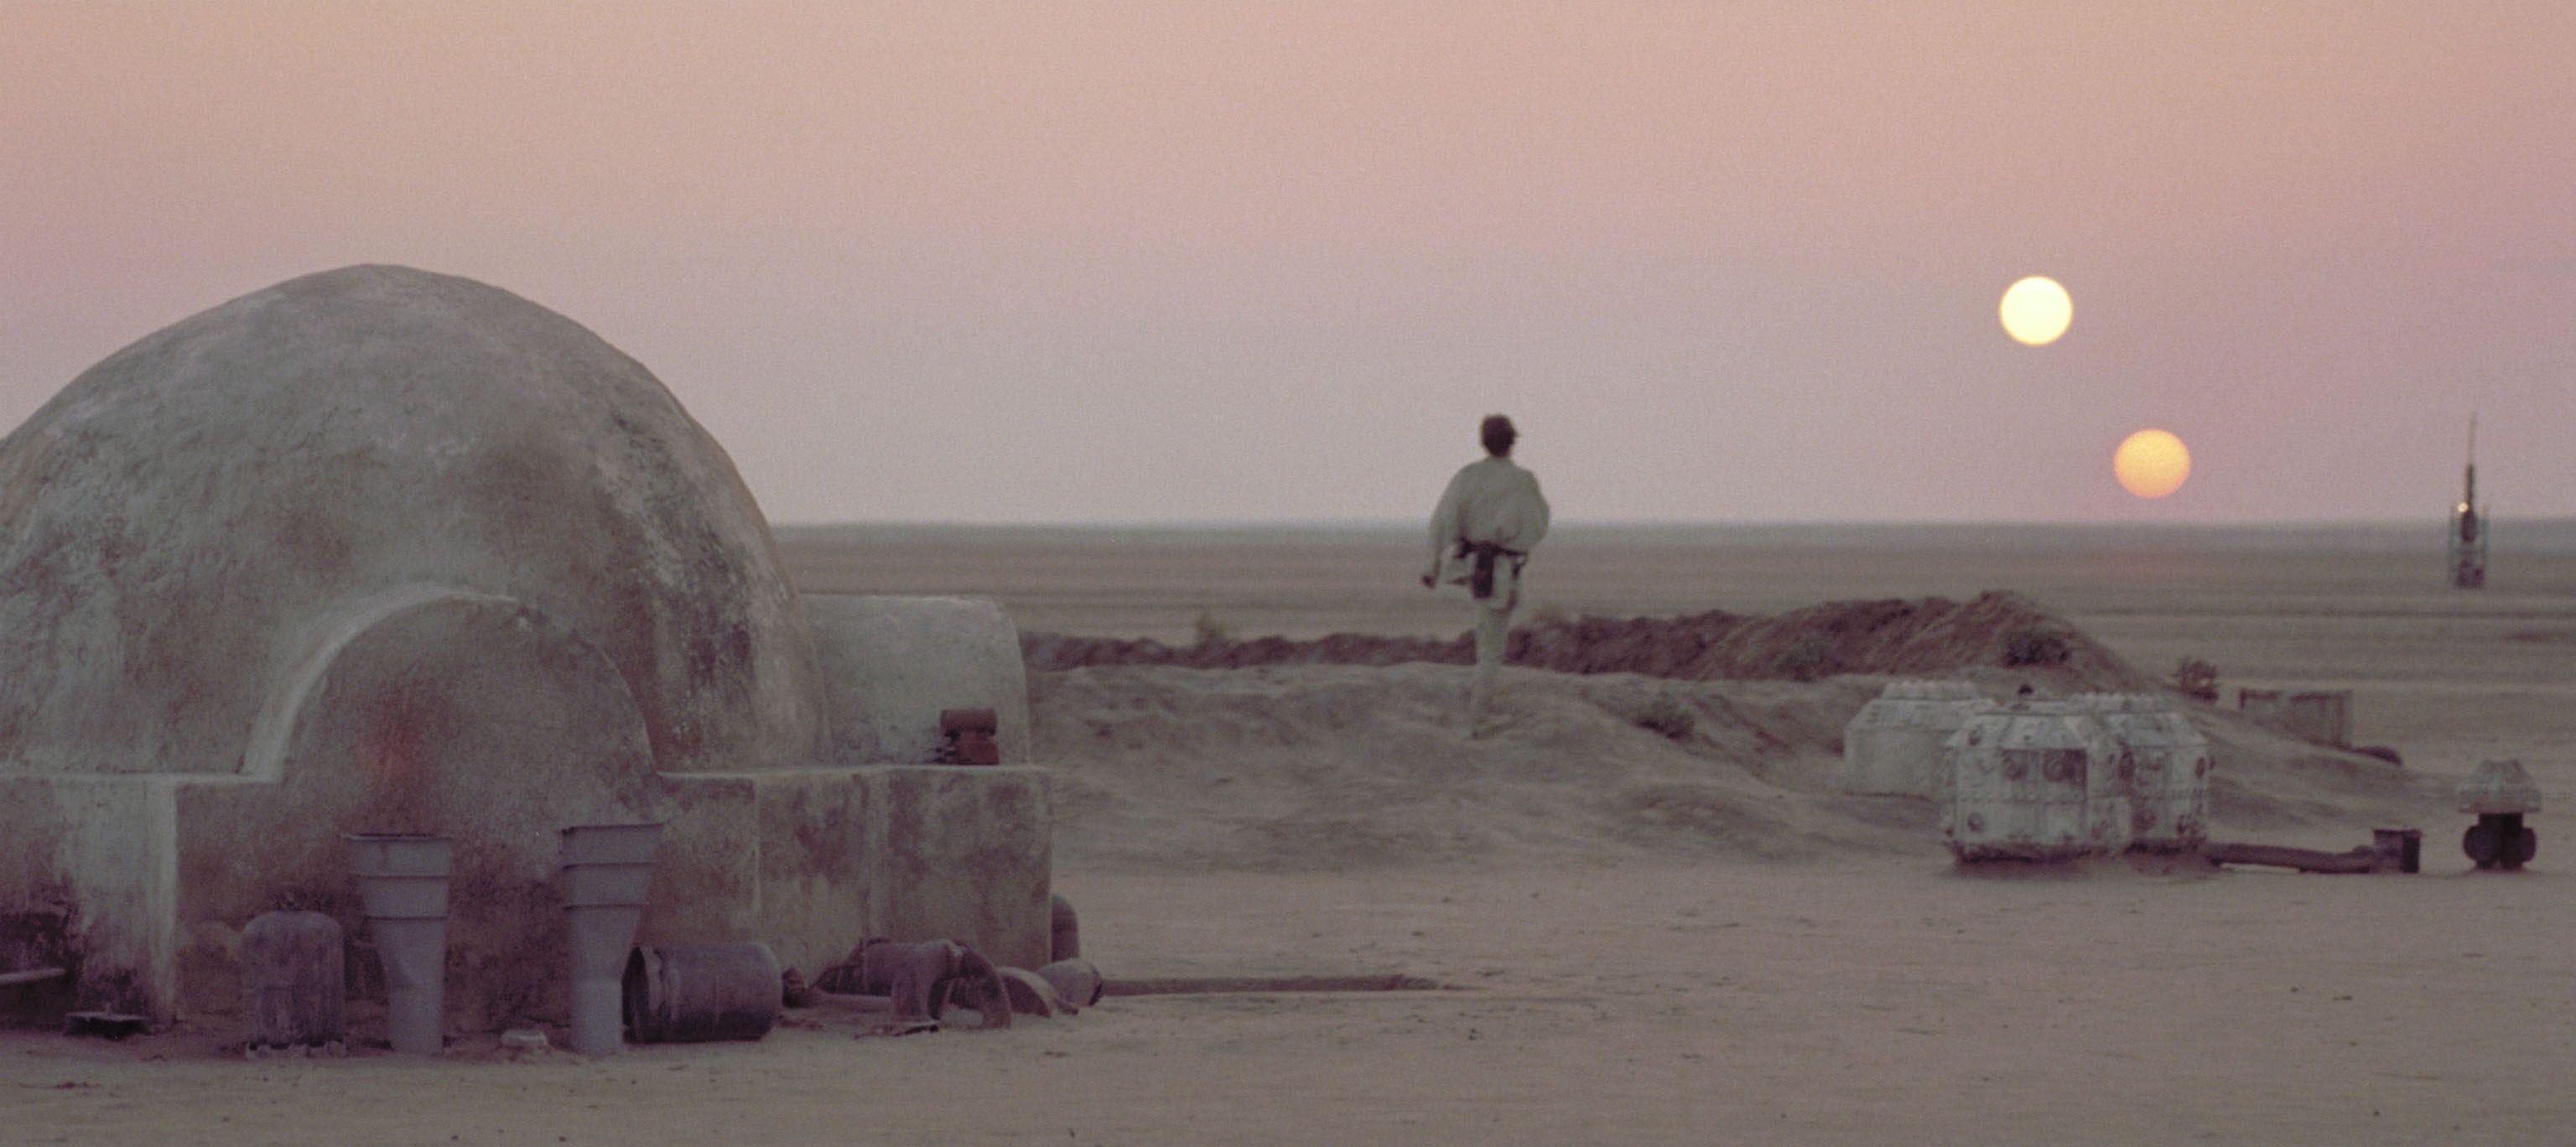 Image from http://imageserver.moviepilot.com/desert-tatooine-star ...